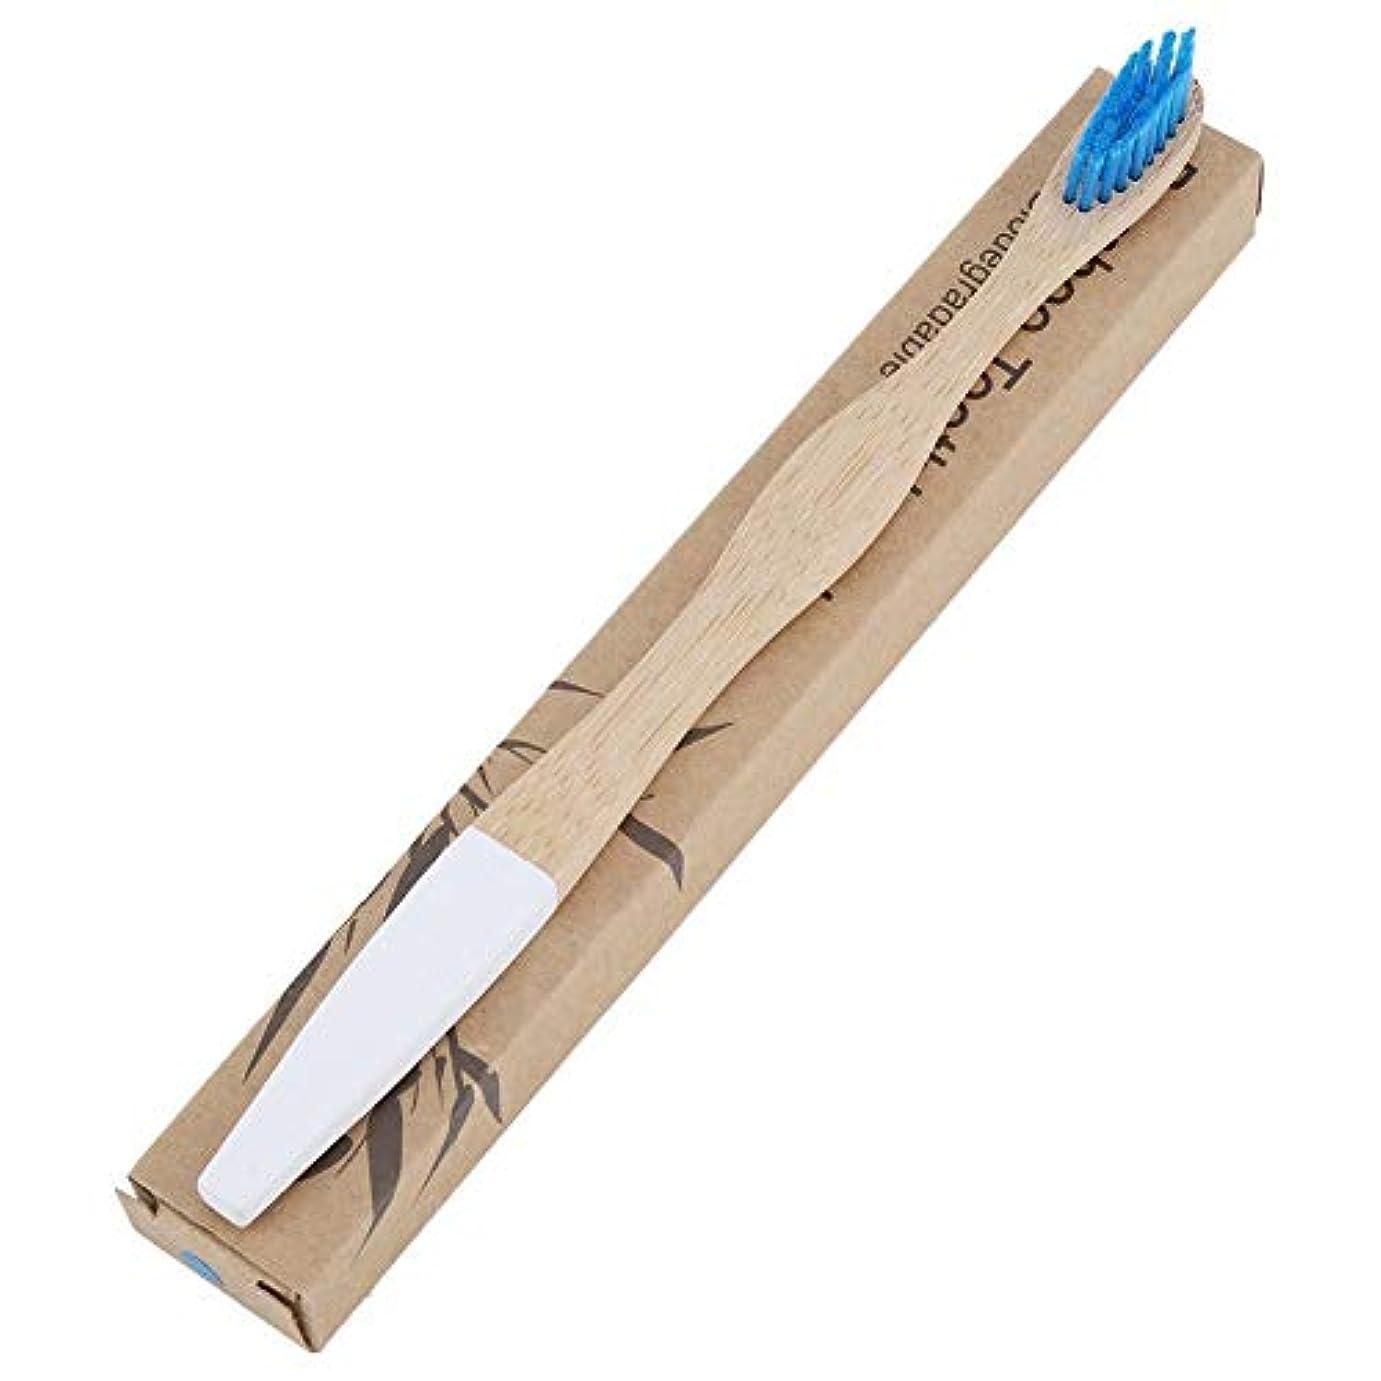 口の健康 贅沢ケア 柔らかい歯ブラシ 歯ブラシ 歯周ケアハブラシ 超極細毛 コンパクトかため 竹ハンドル ブラシ 知覚過敏予防 大人用ハブラシ 2本 色は選べません(ブルー)